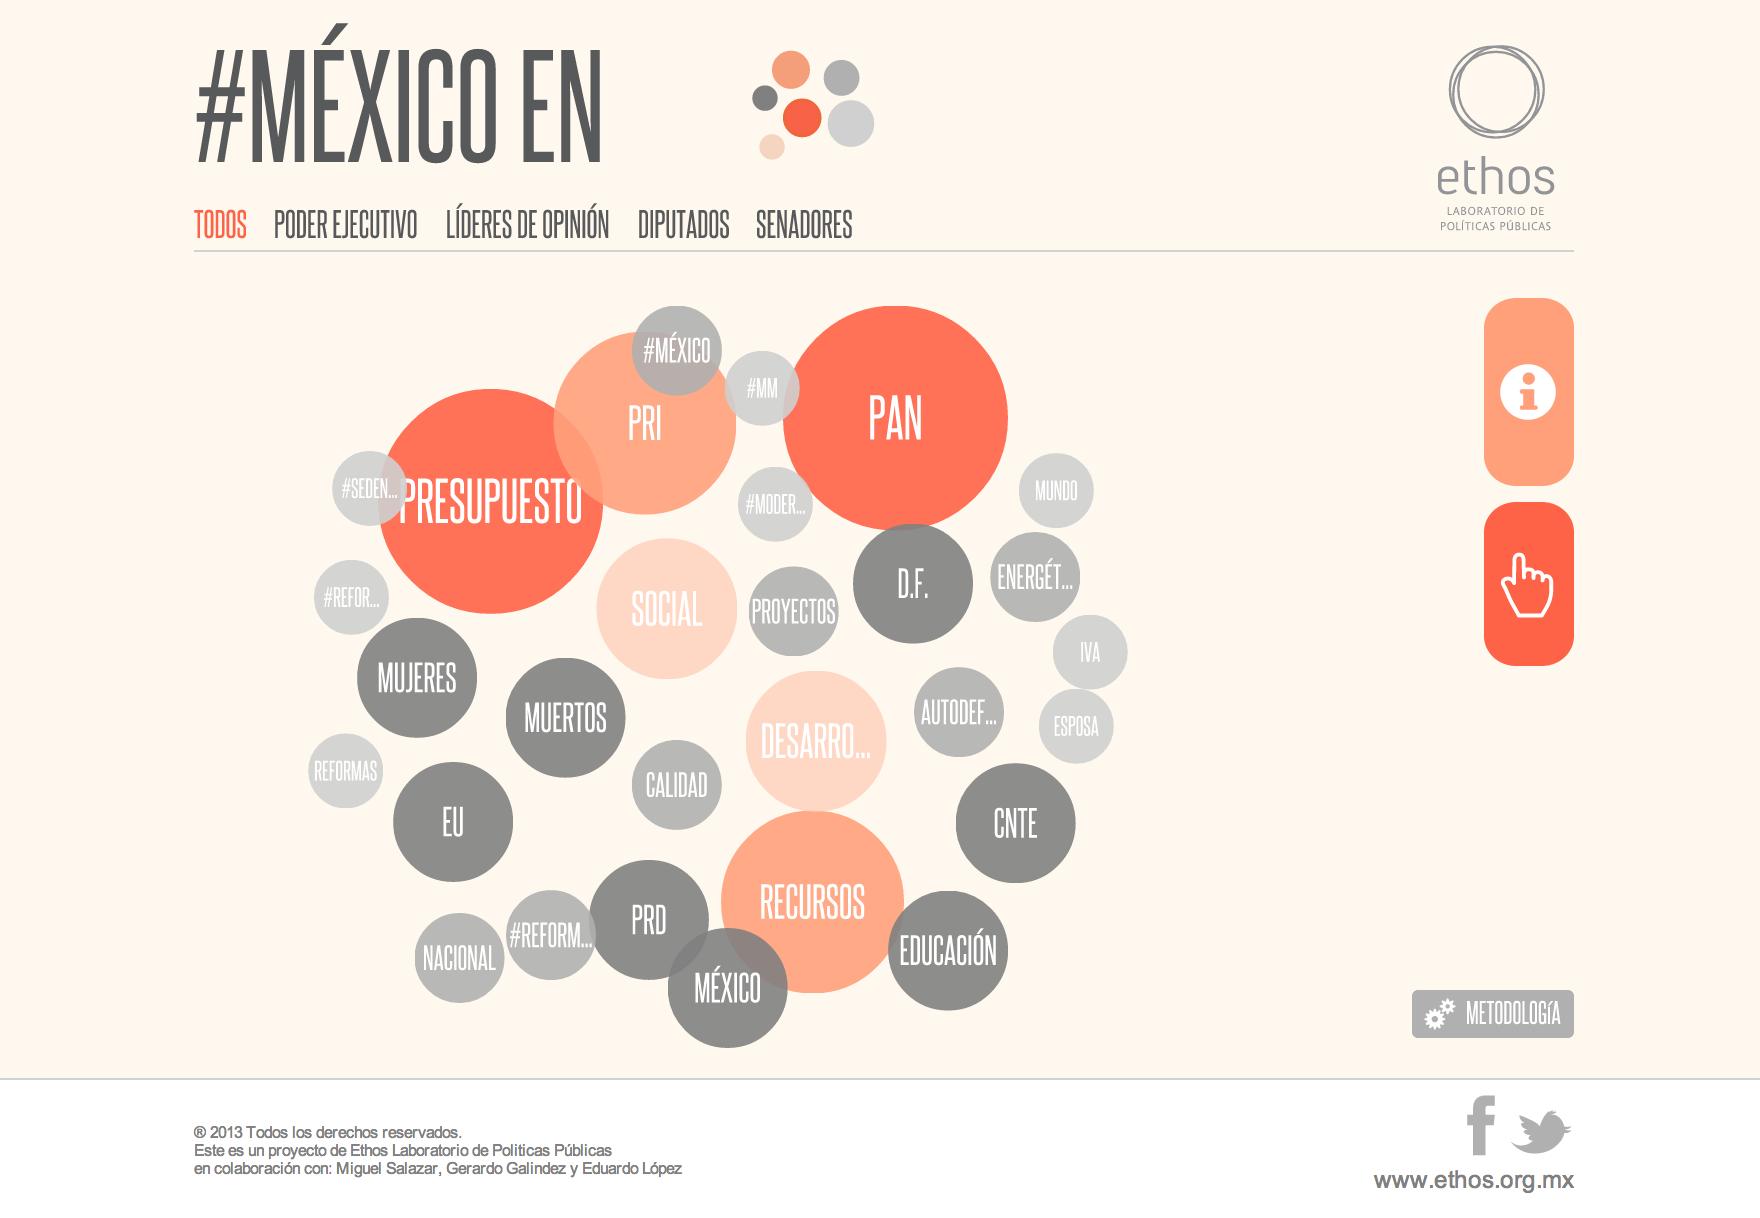 #MexicoEn140